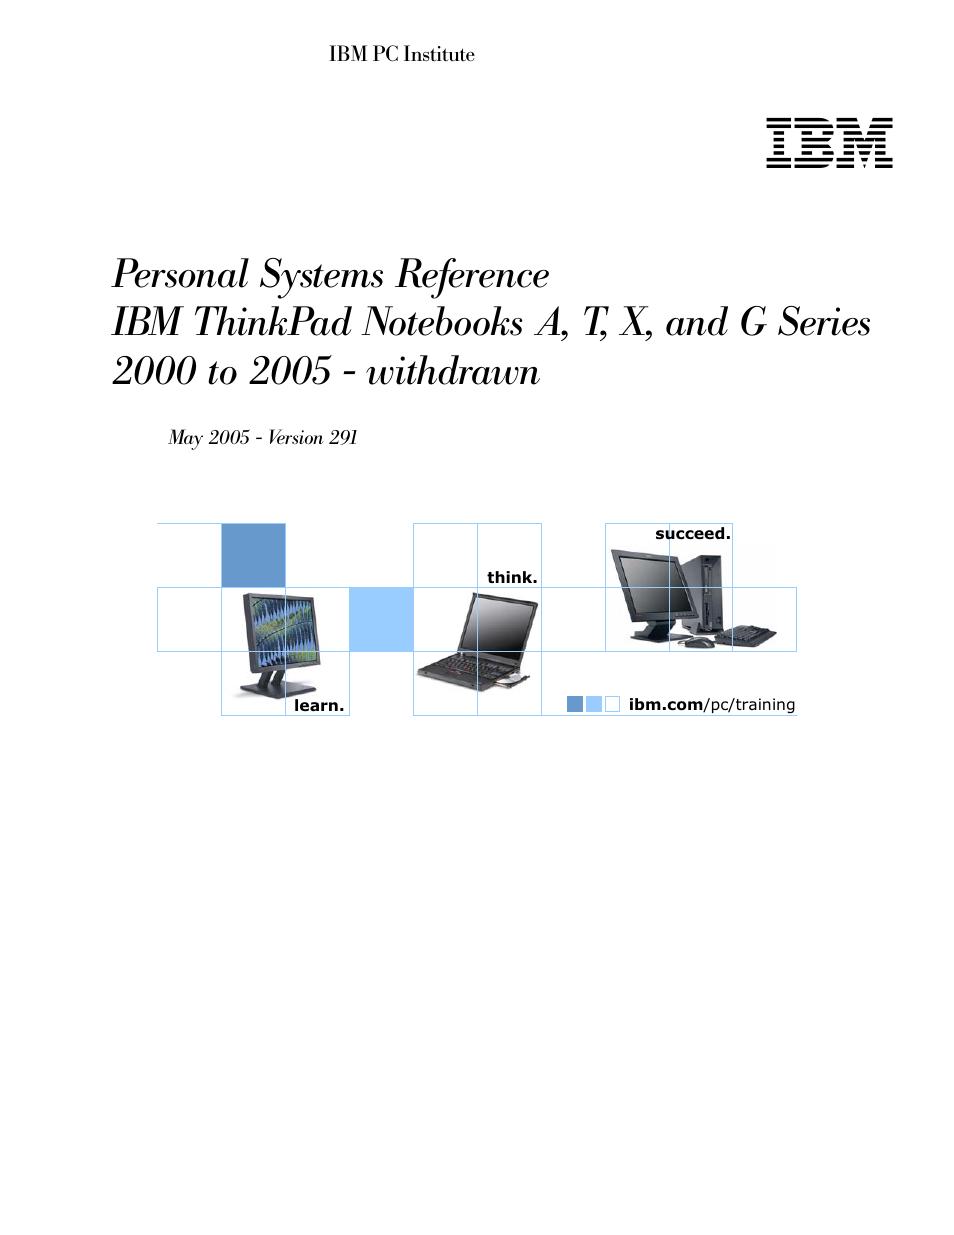 ibm thinkpad a22m manual